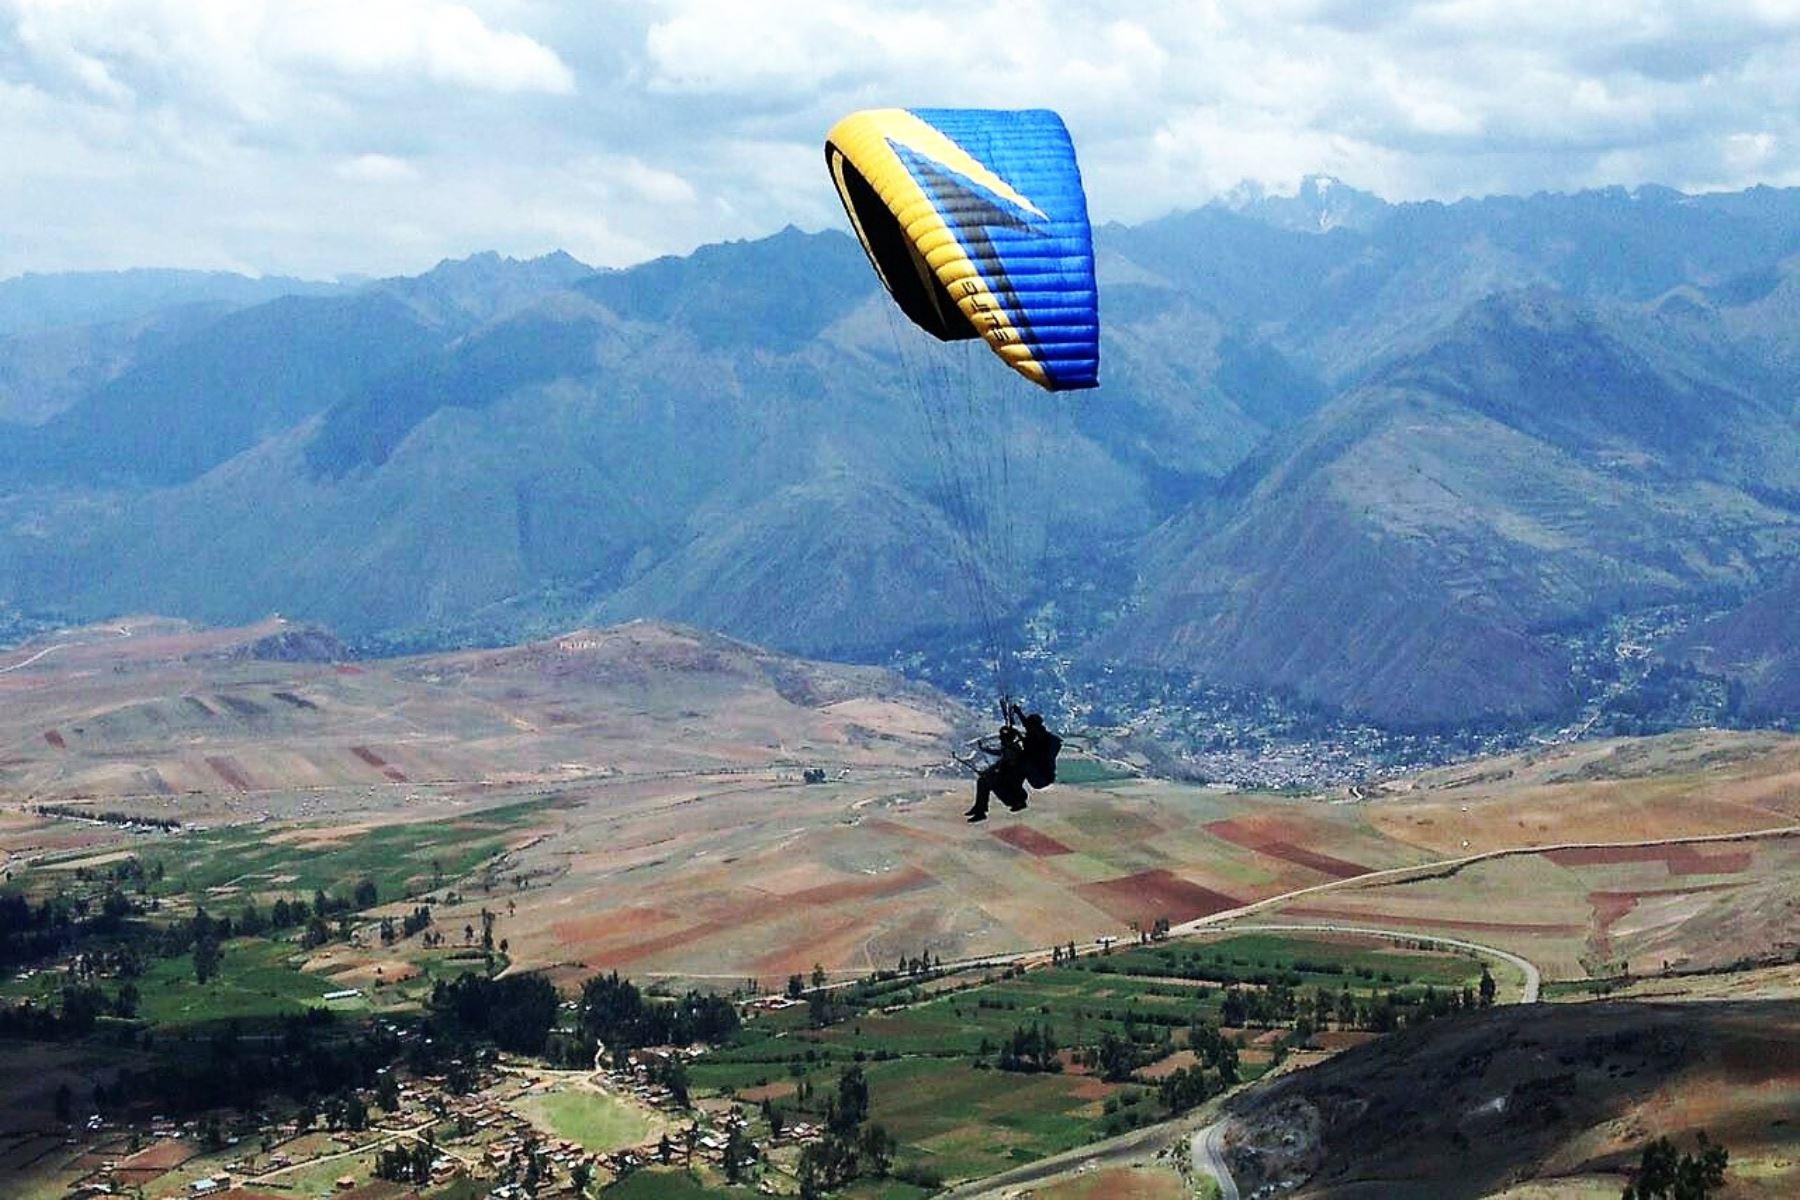 Conozca Los Deportes De Aventura Que Se Pueden Practicar En Cusco Noticias Agencia Peruana De Noticias Andina